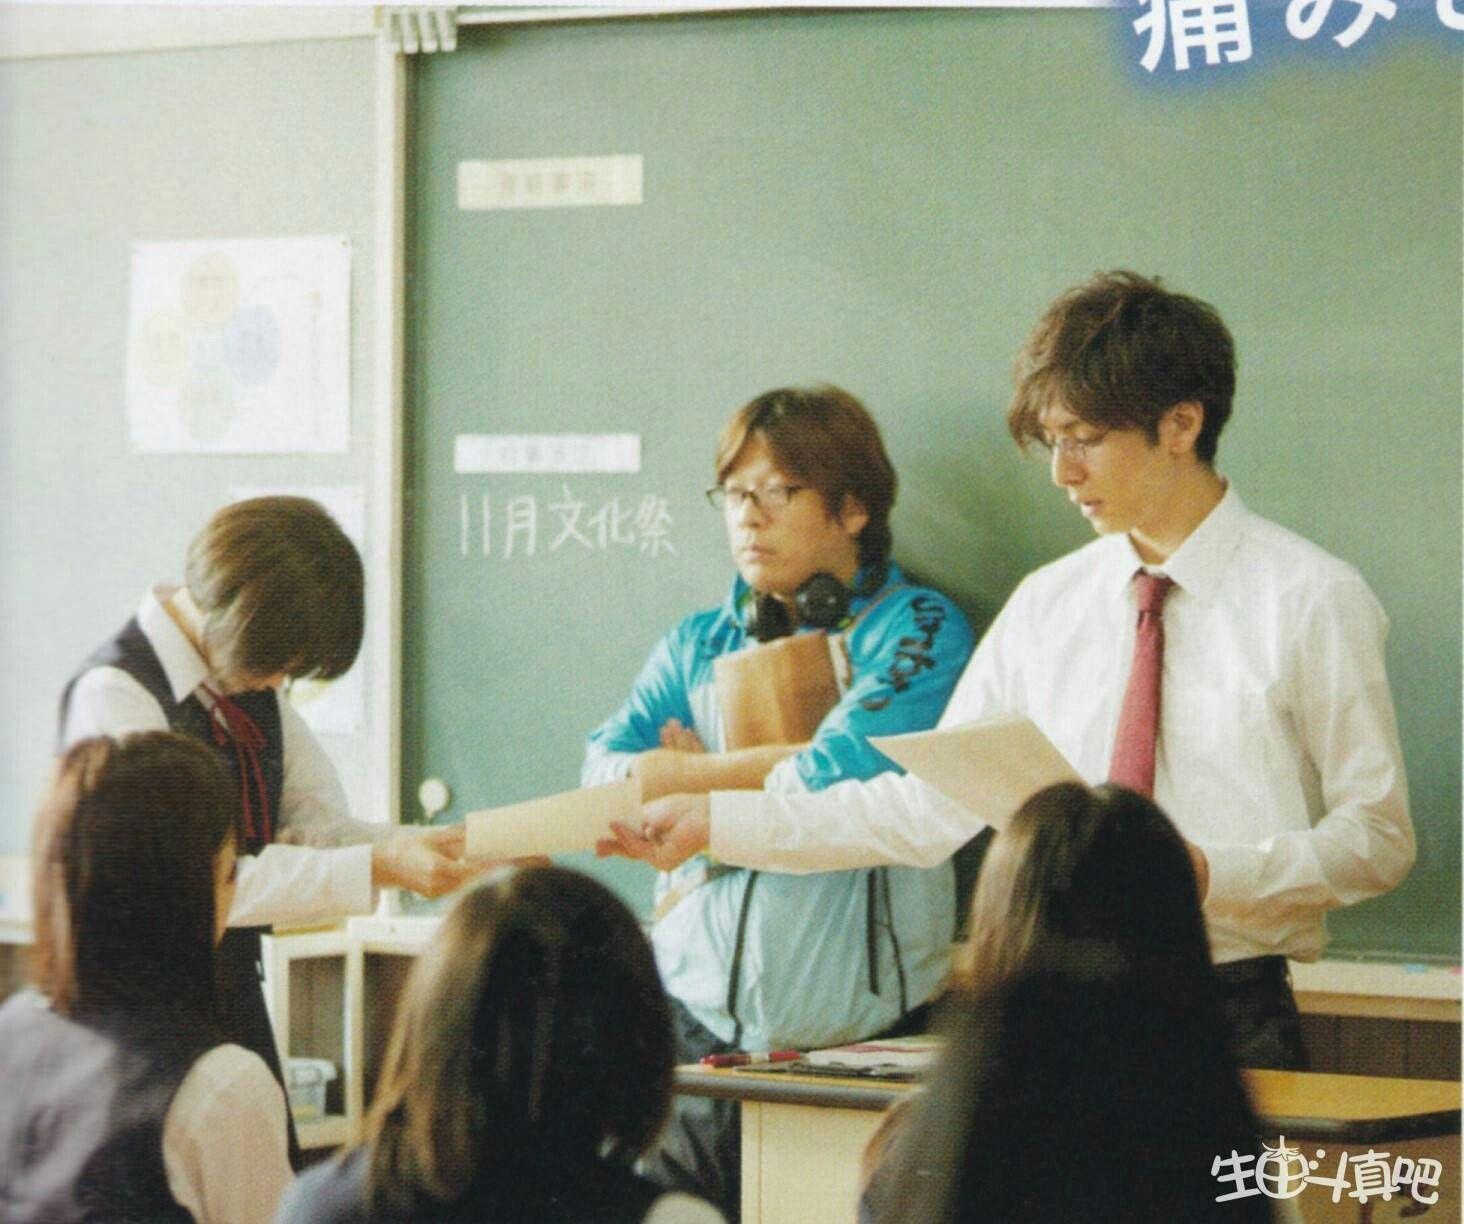 生田斗真 授業